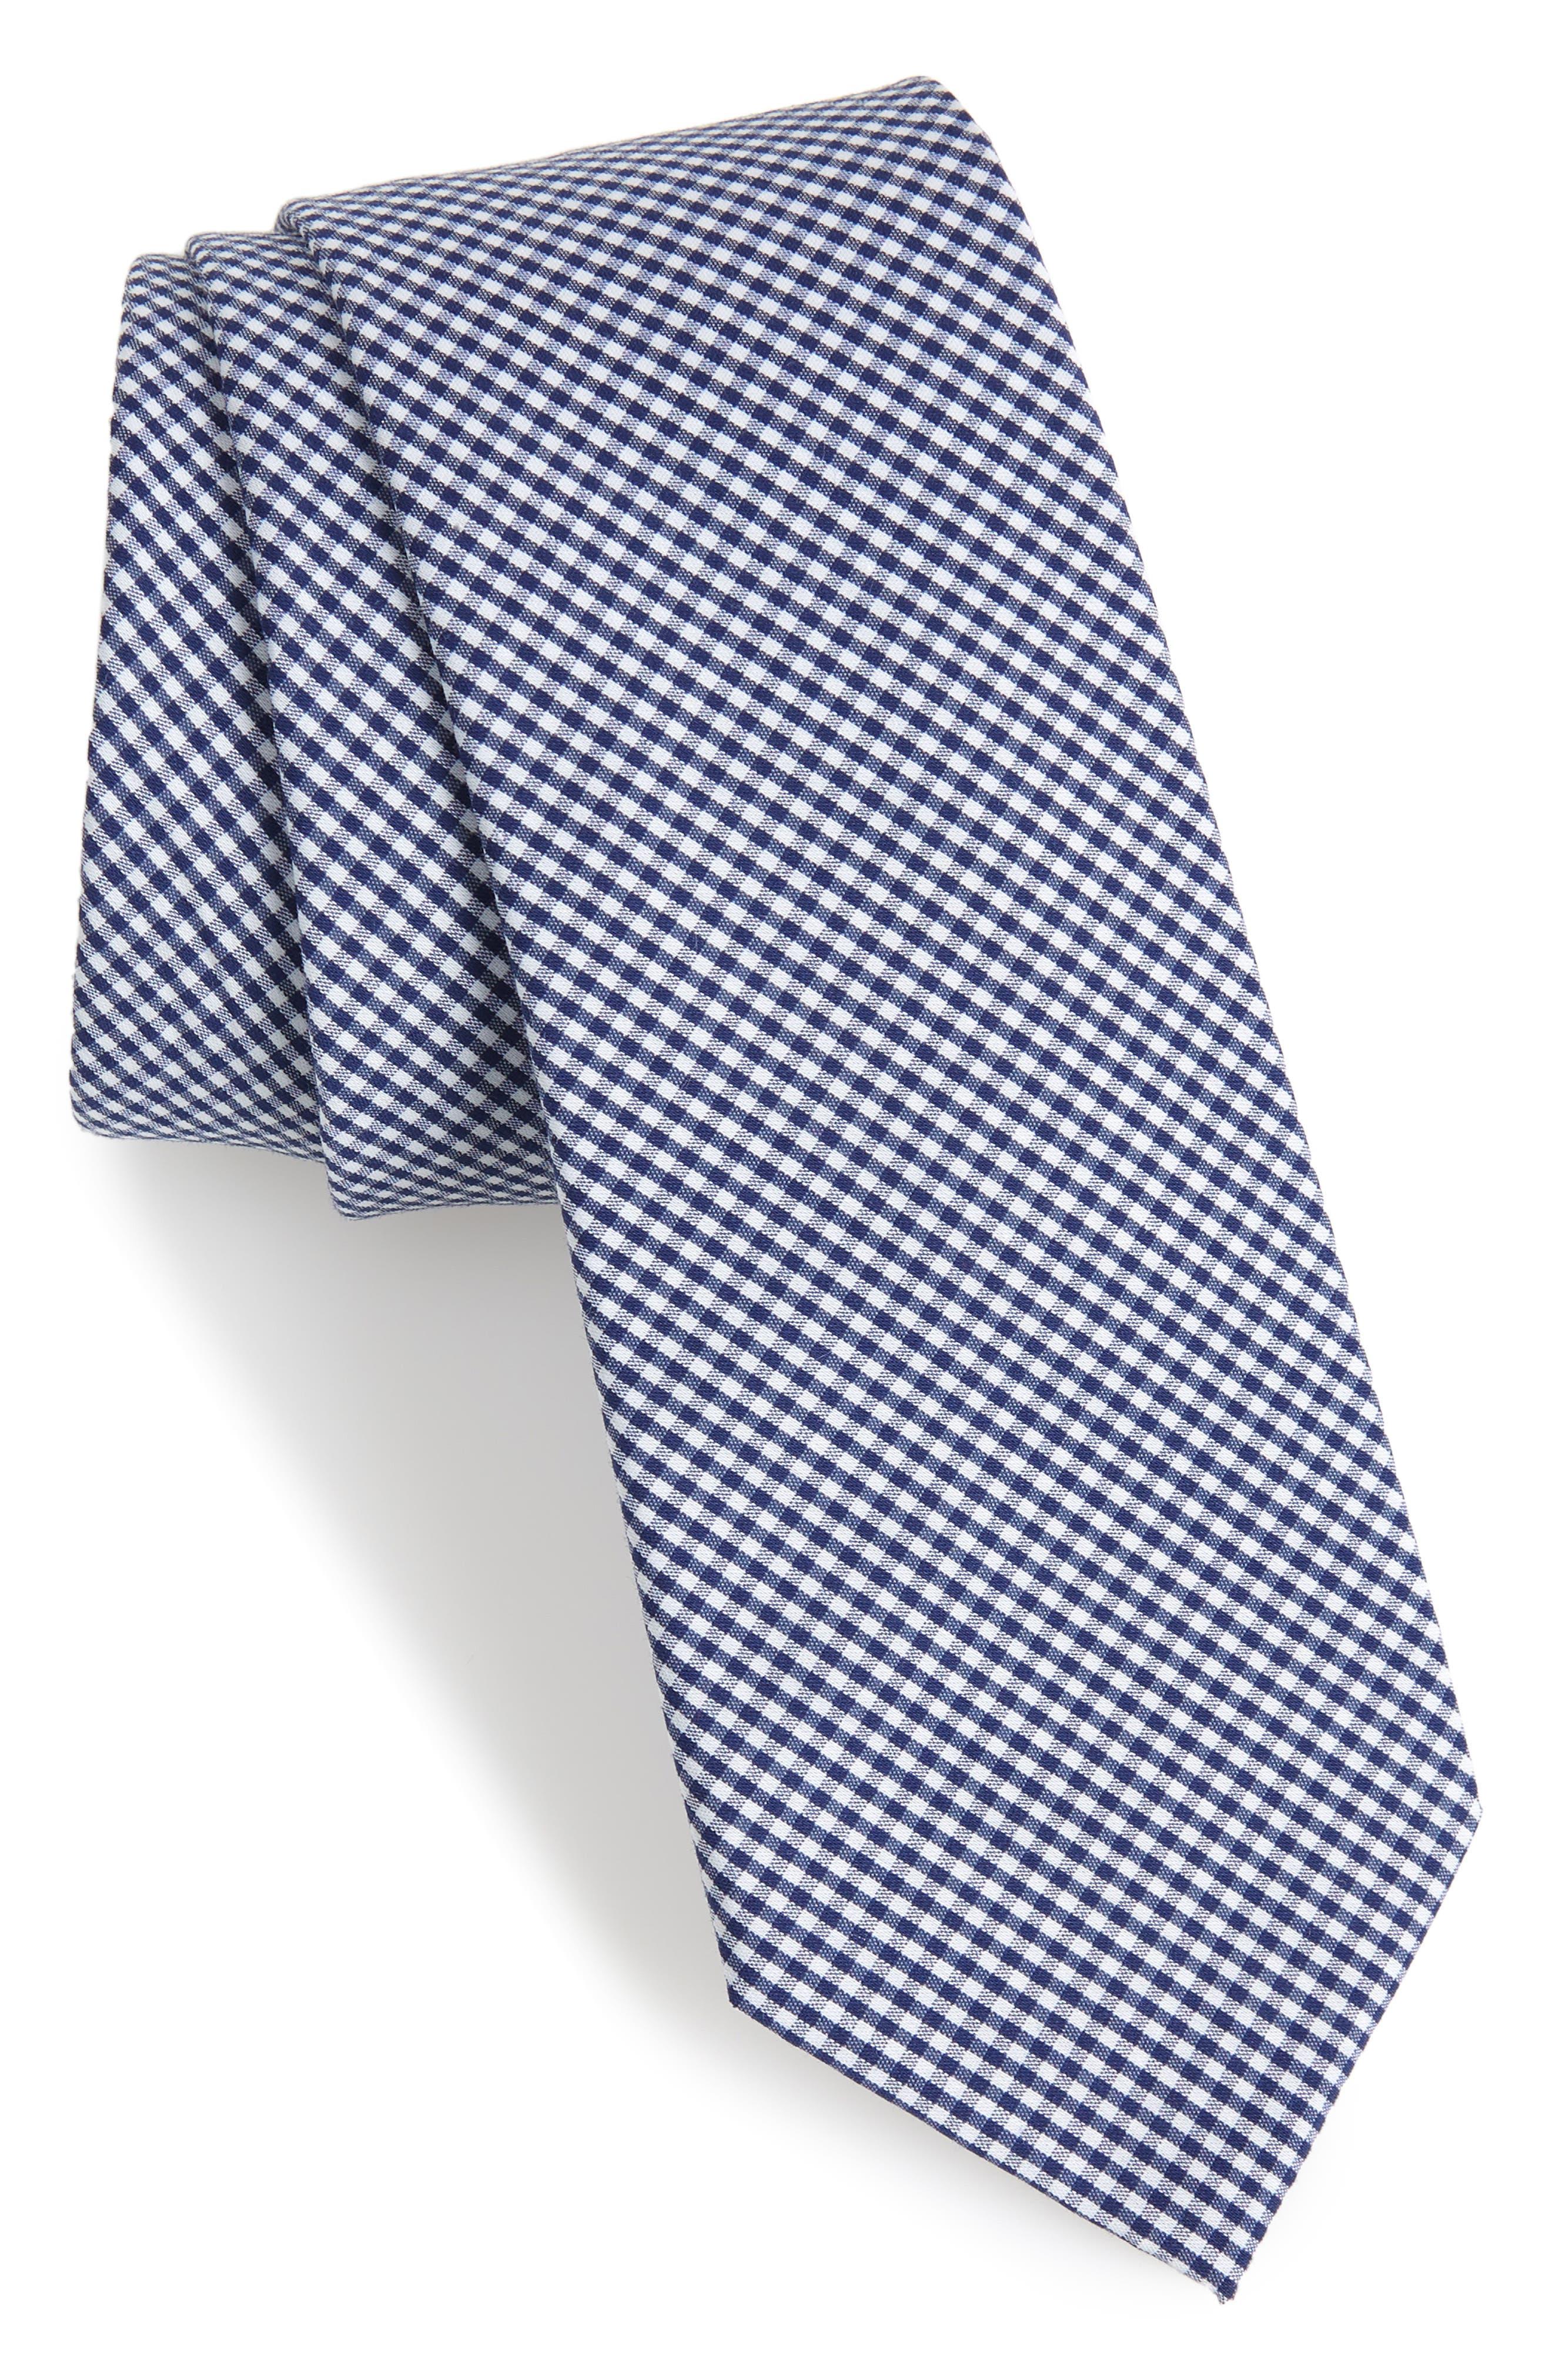 Sydney Check Cotton Skinny Tie,                         Main,                         color,